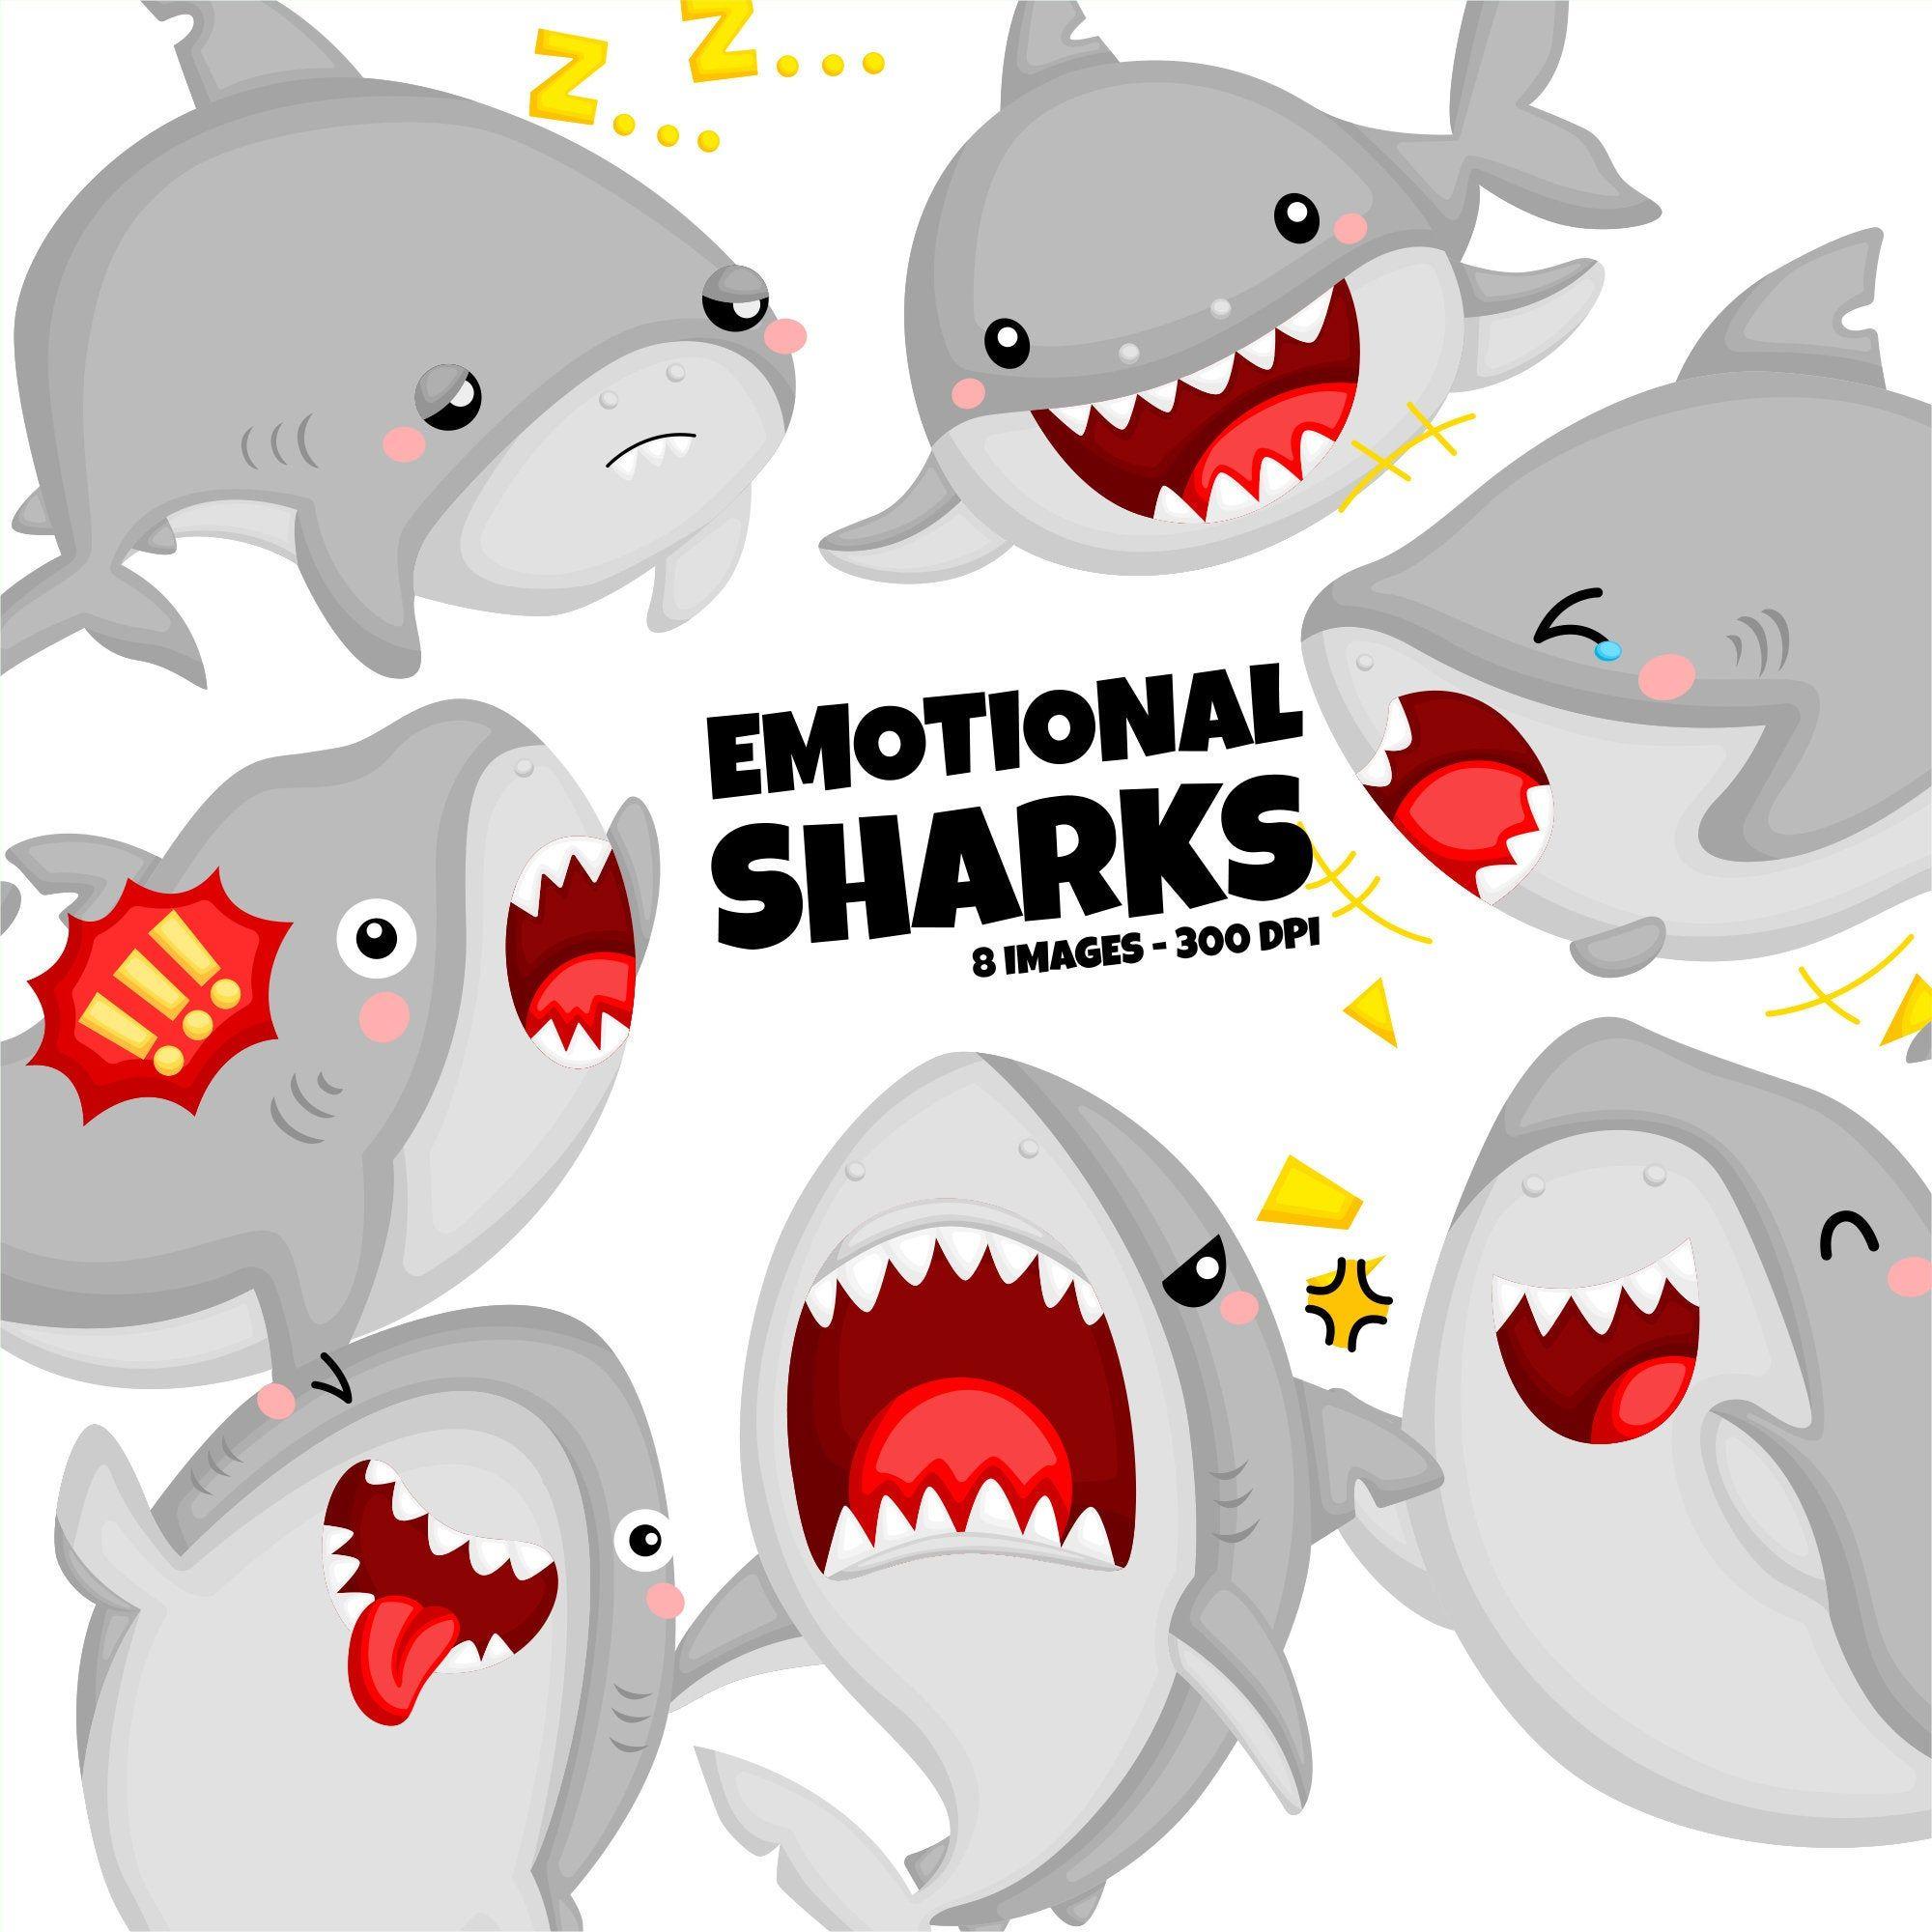 Emotional Sharks Clipart Cute Shark Clip Art Cute Animal Etsy In 2021 Animal Clipart Free Cute Animal Clipart Animal Clipart